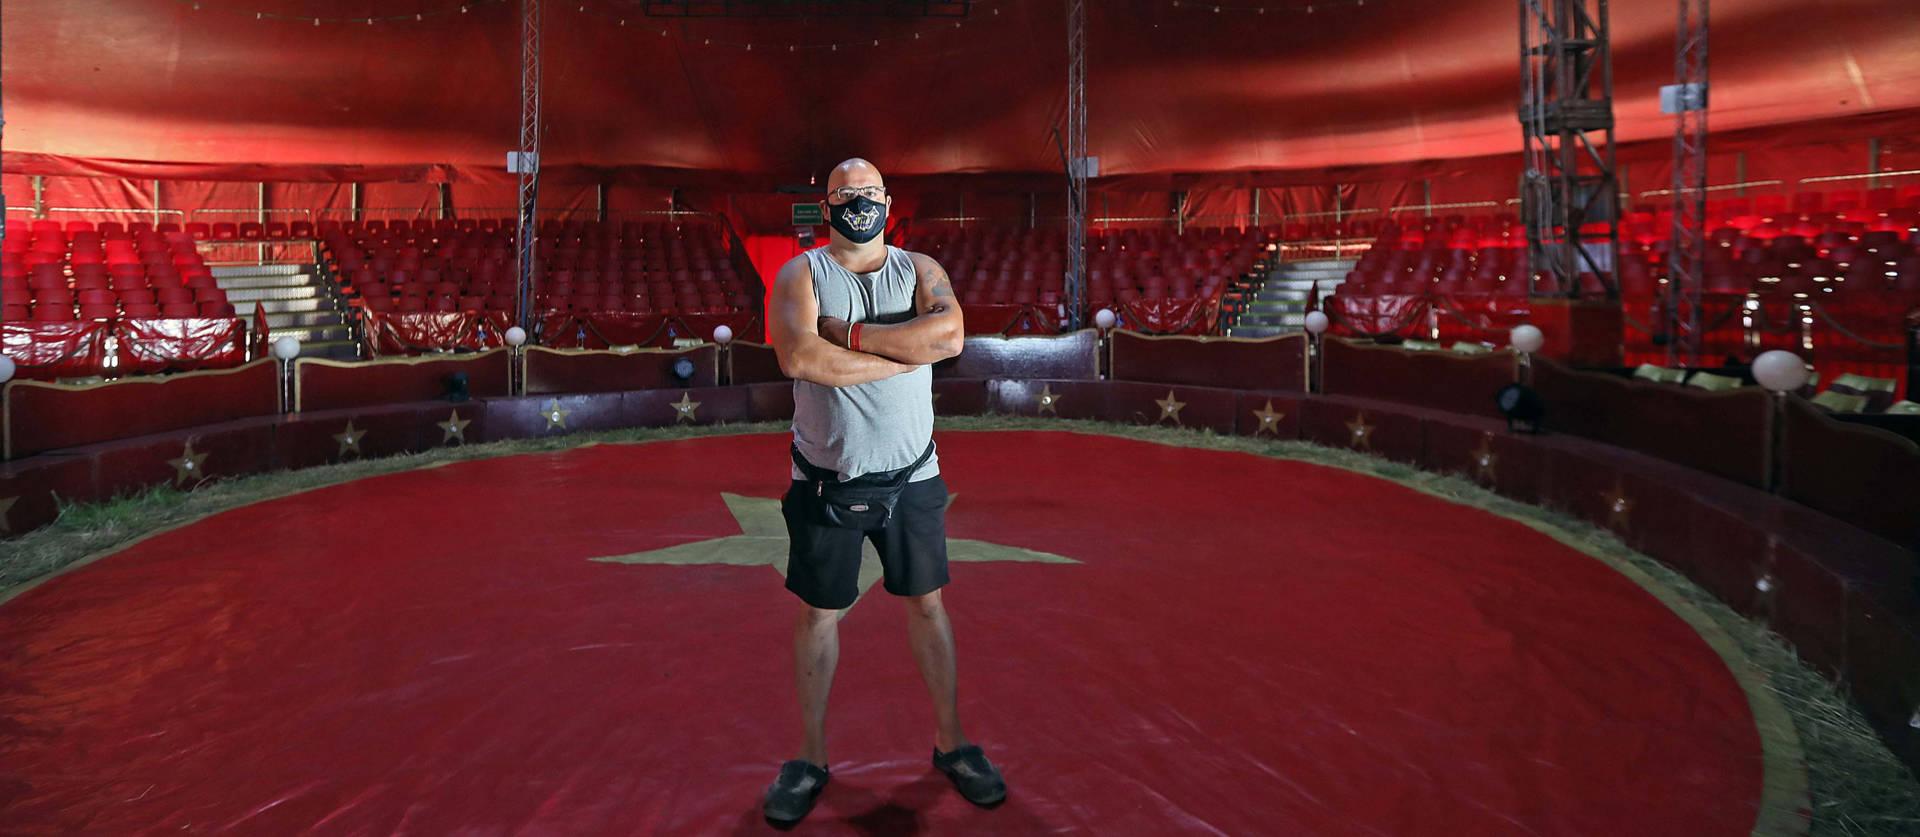 Justo Sacristán Antolín, director del Circo Holiday, en el interior de la carpa. El uso de la mascarilla es imprescindible para todo el personal del circo.